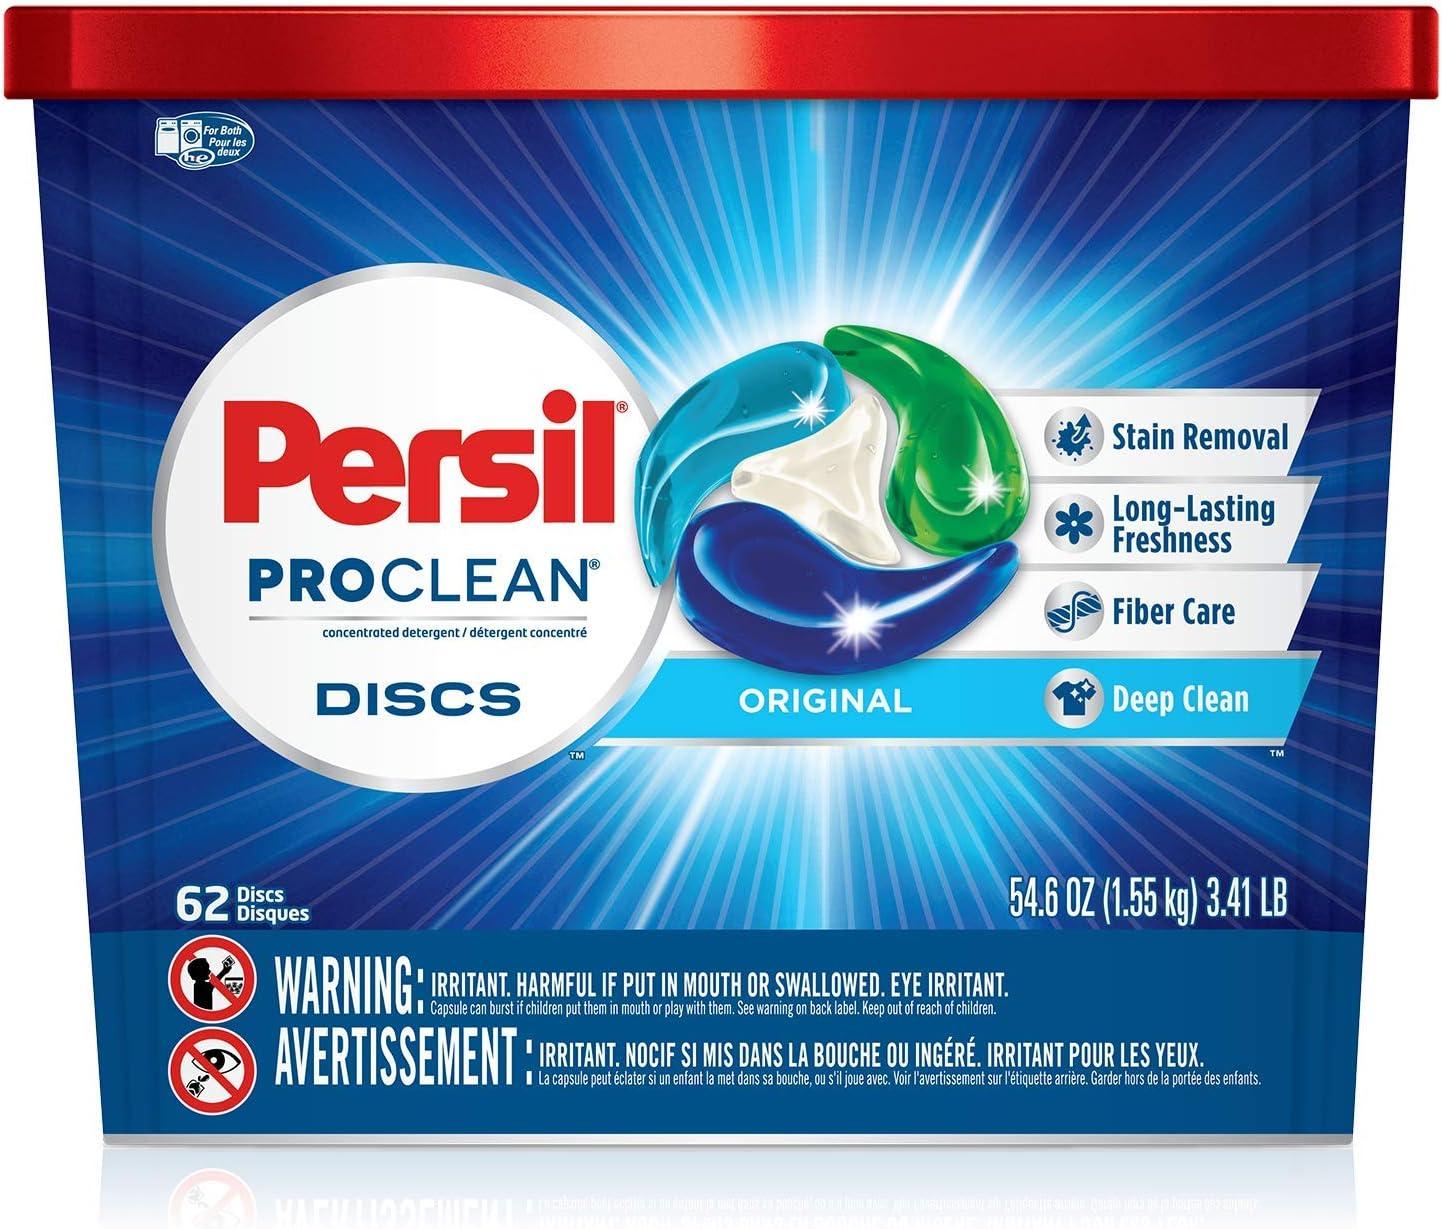 Persil Proclean Discs Laundry Detergent, Original, 62 Count